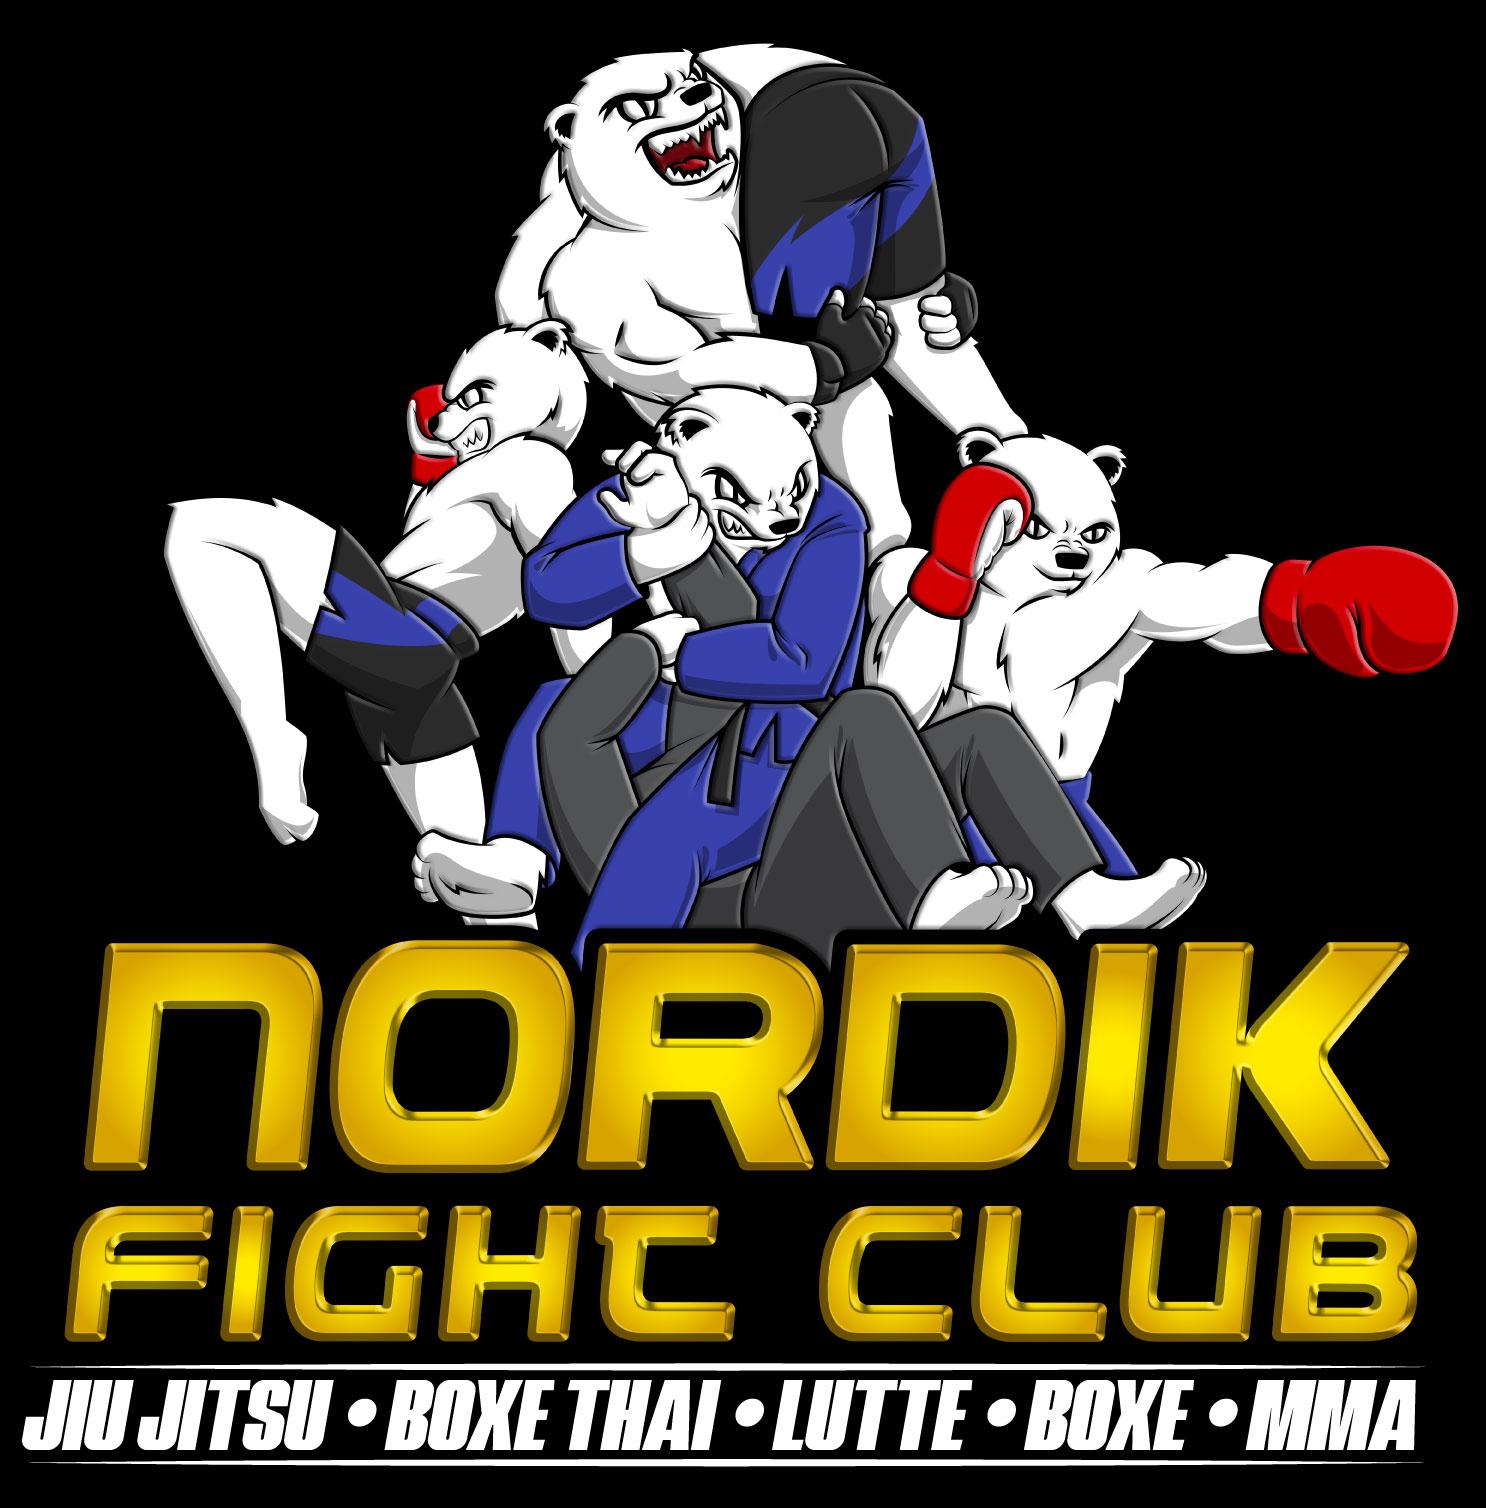 Nordik Fight Club